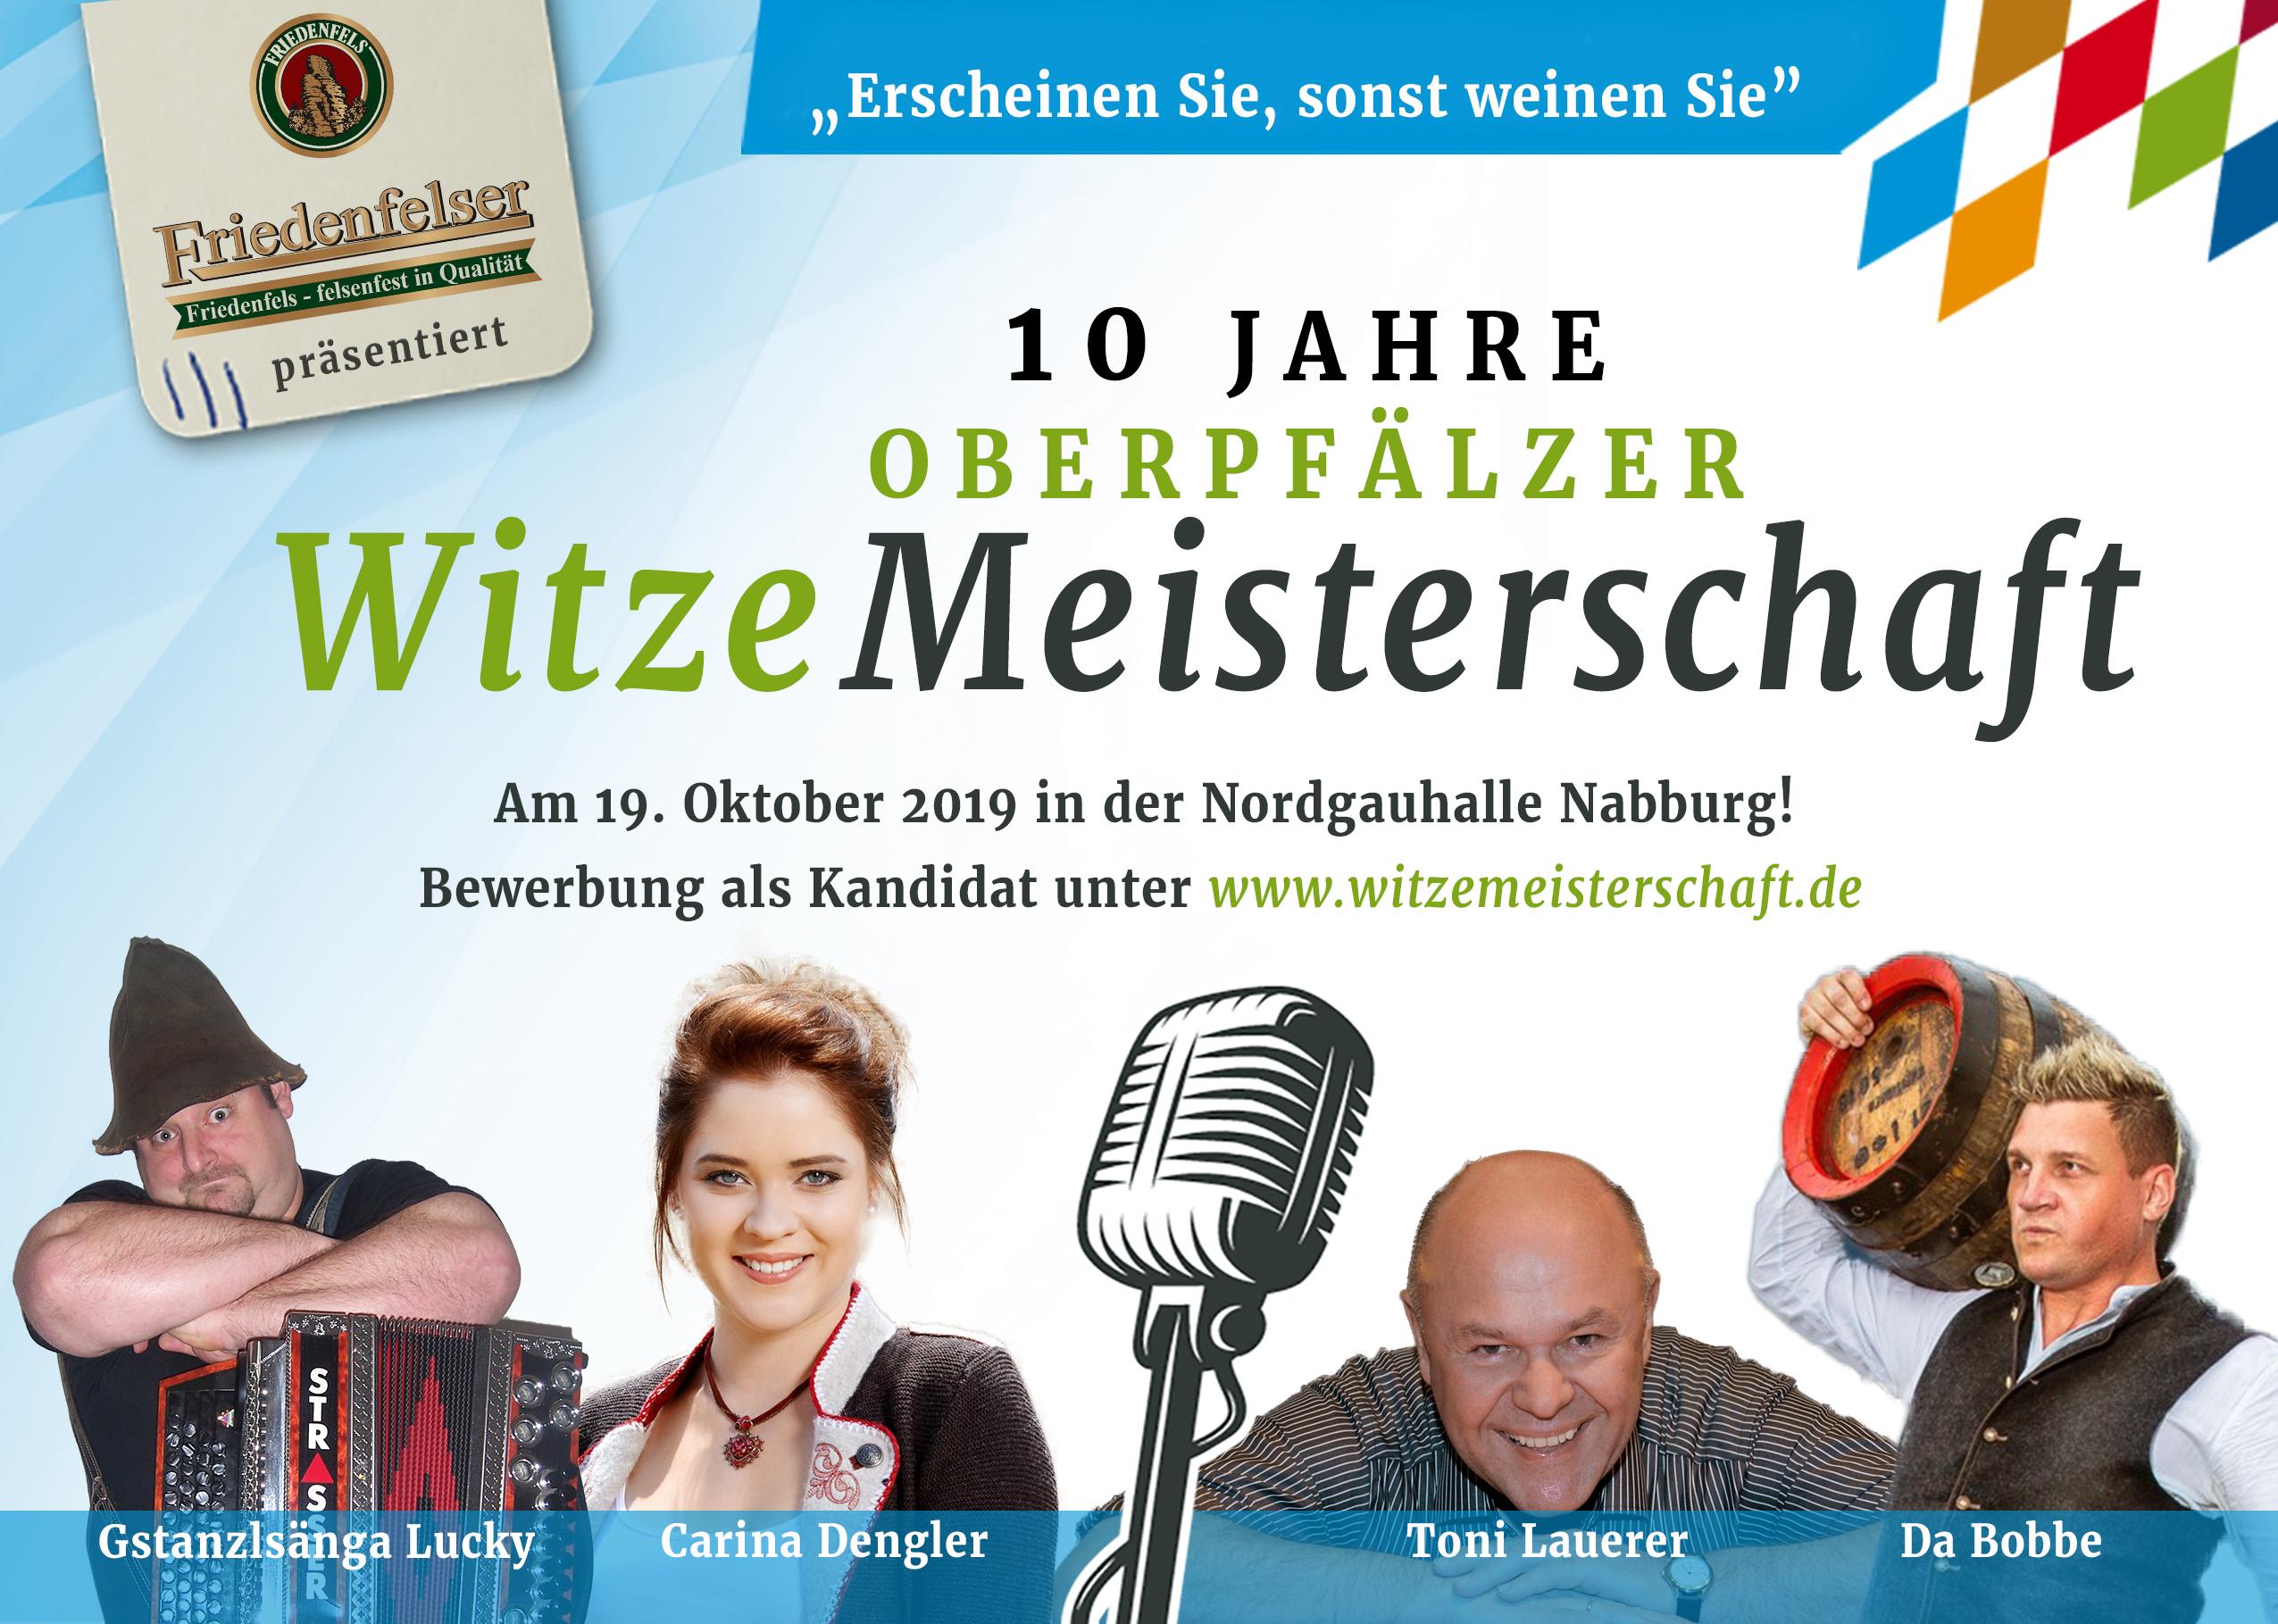 Witzemeisterschaft_Oberpfalz_vorne_variante